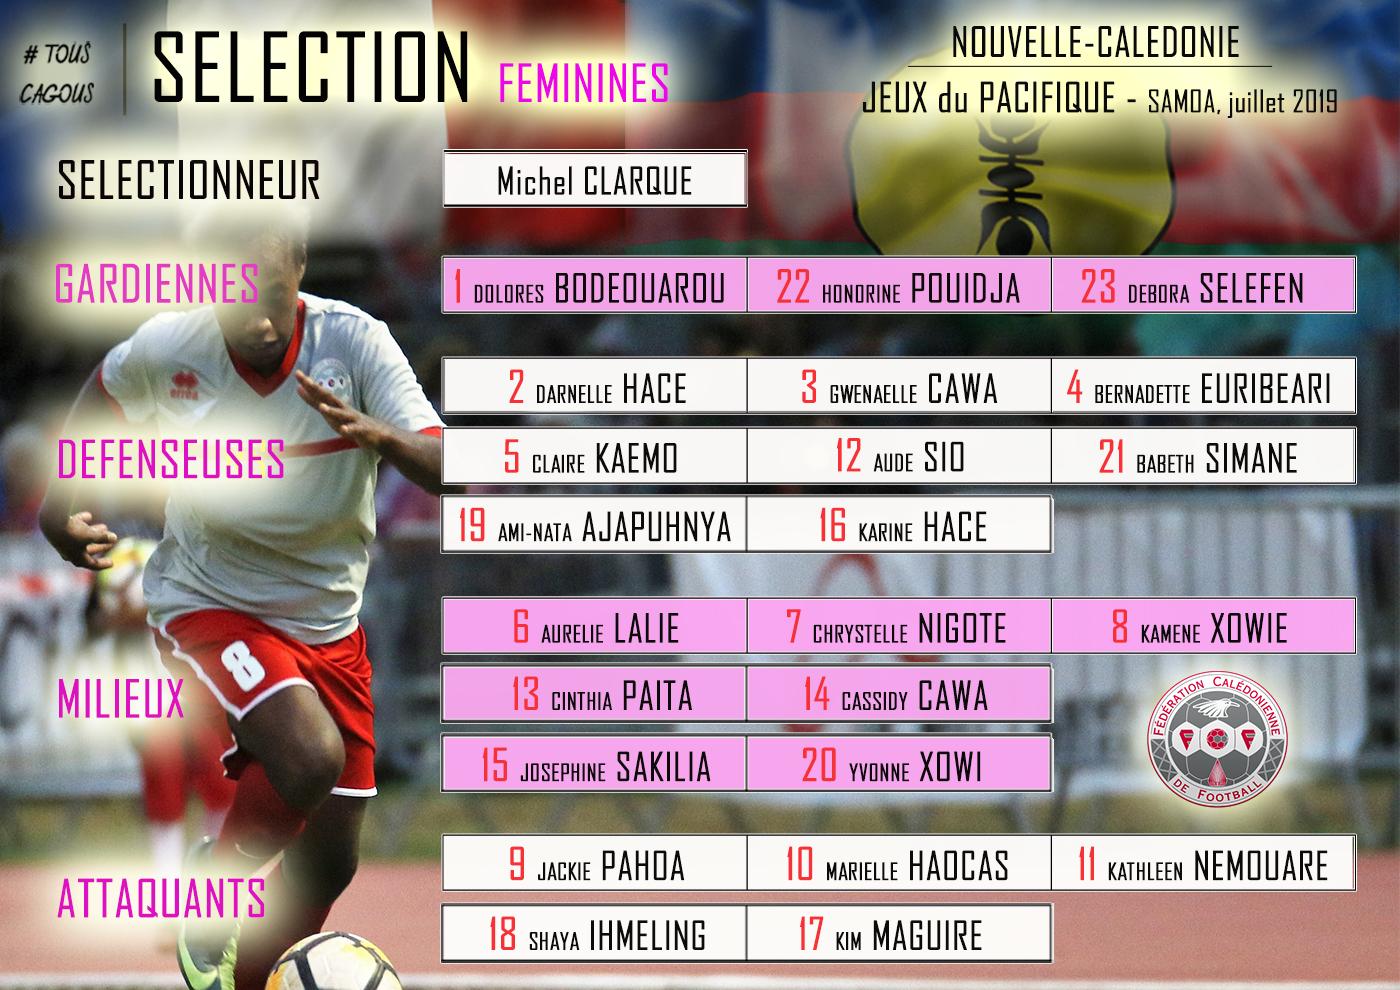 Equipe de Nouvelle-Calédonie Féminines / Jeux du Pacifique